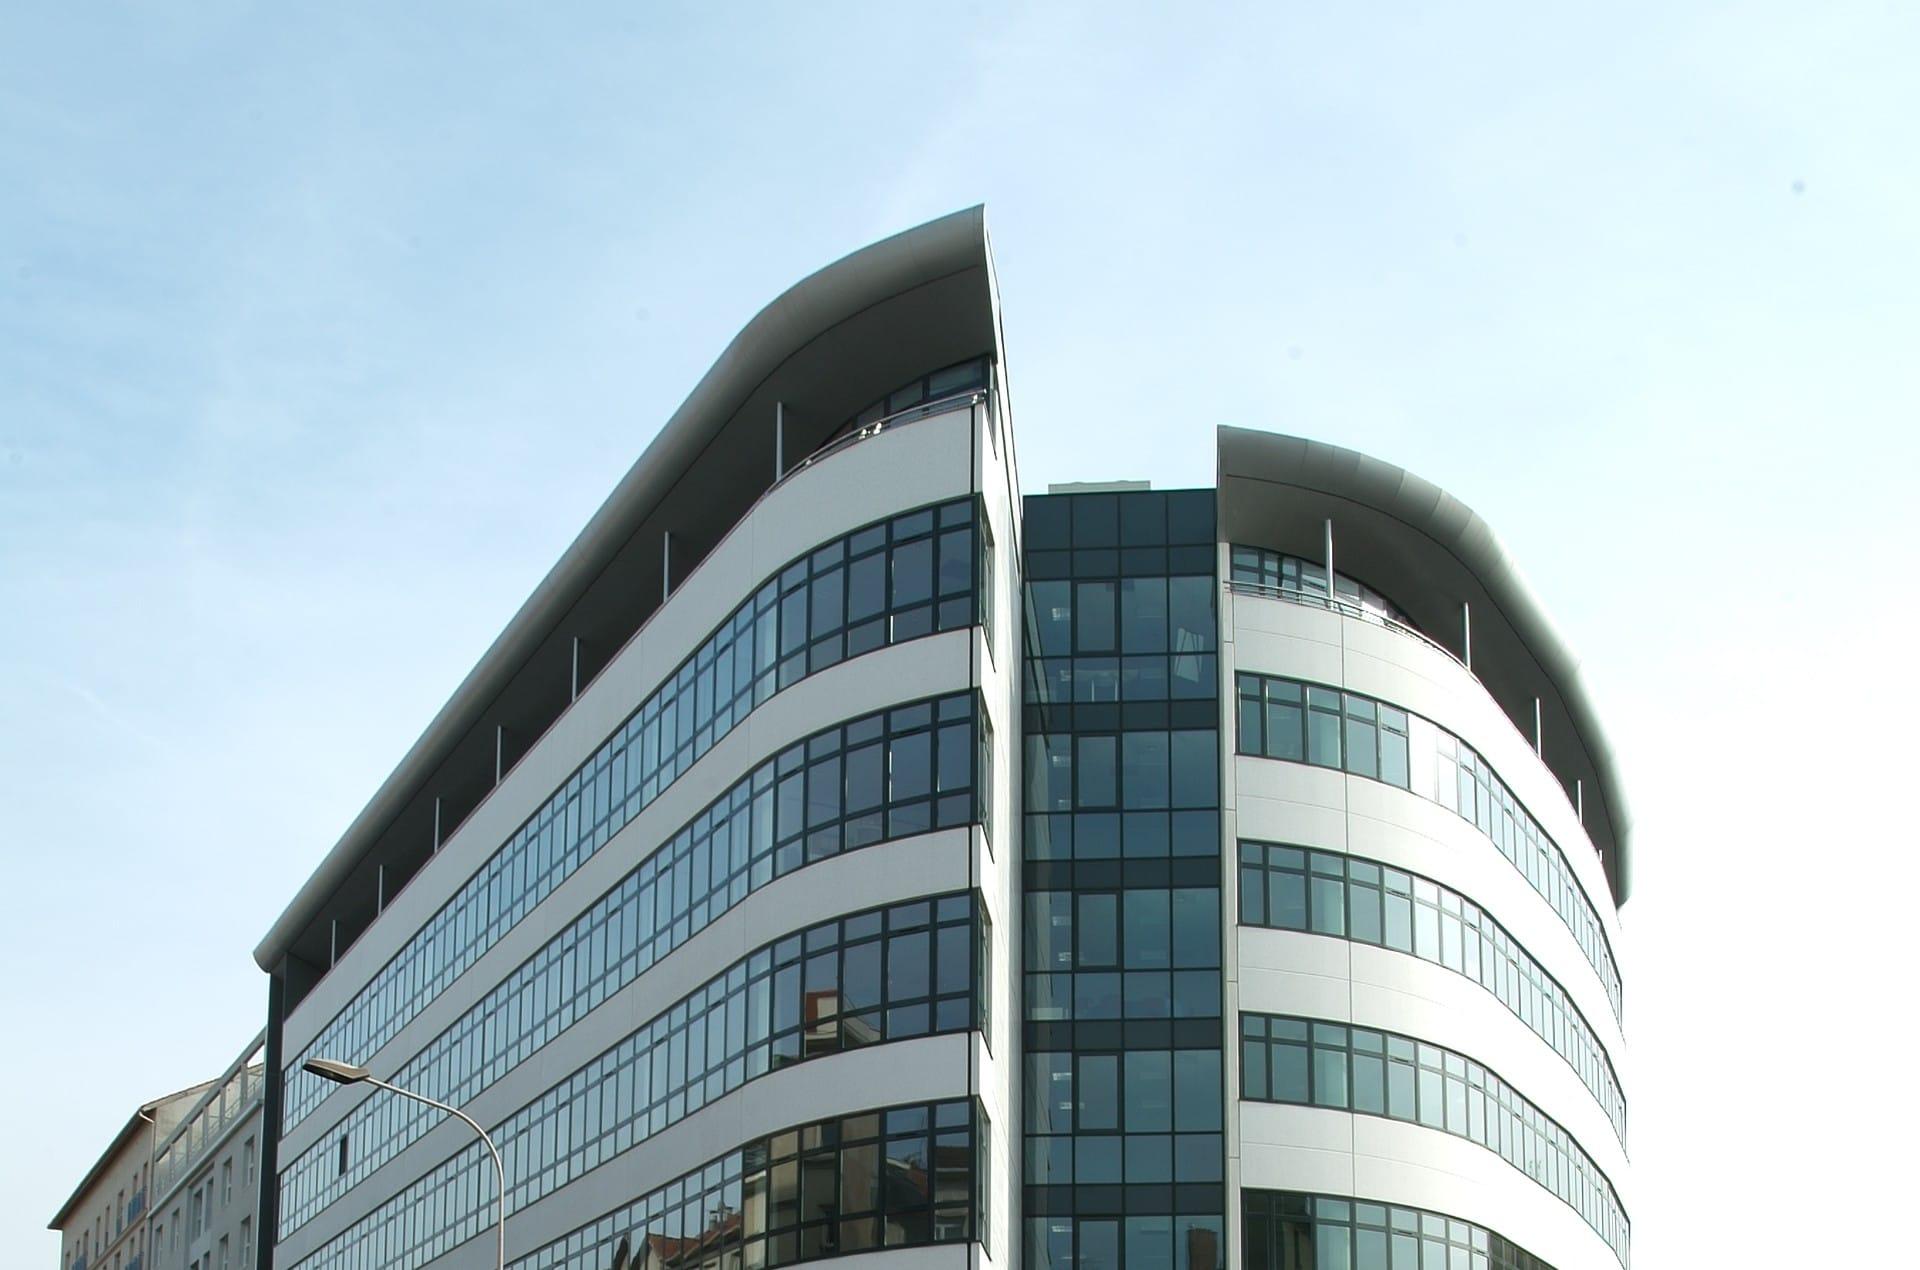 architec-first-facade-face-zoom